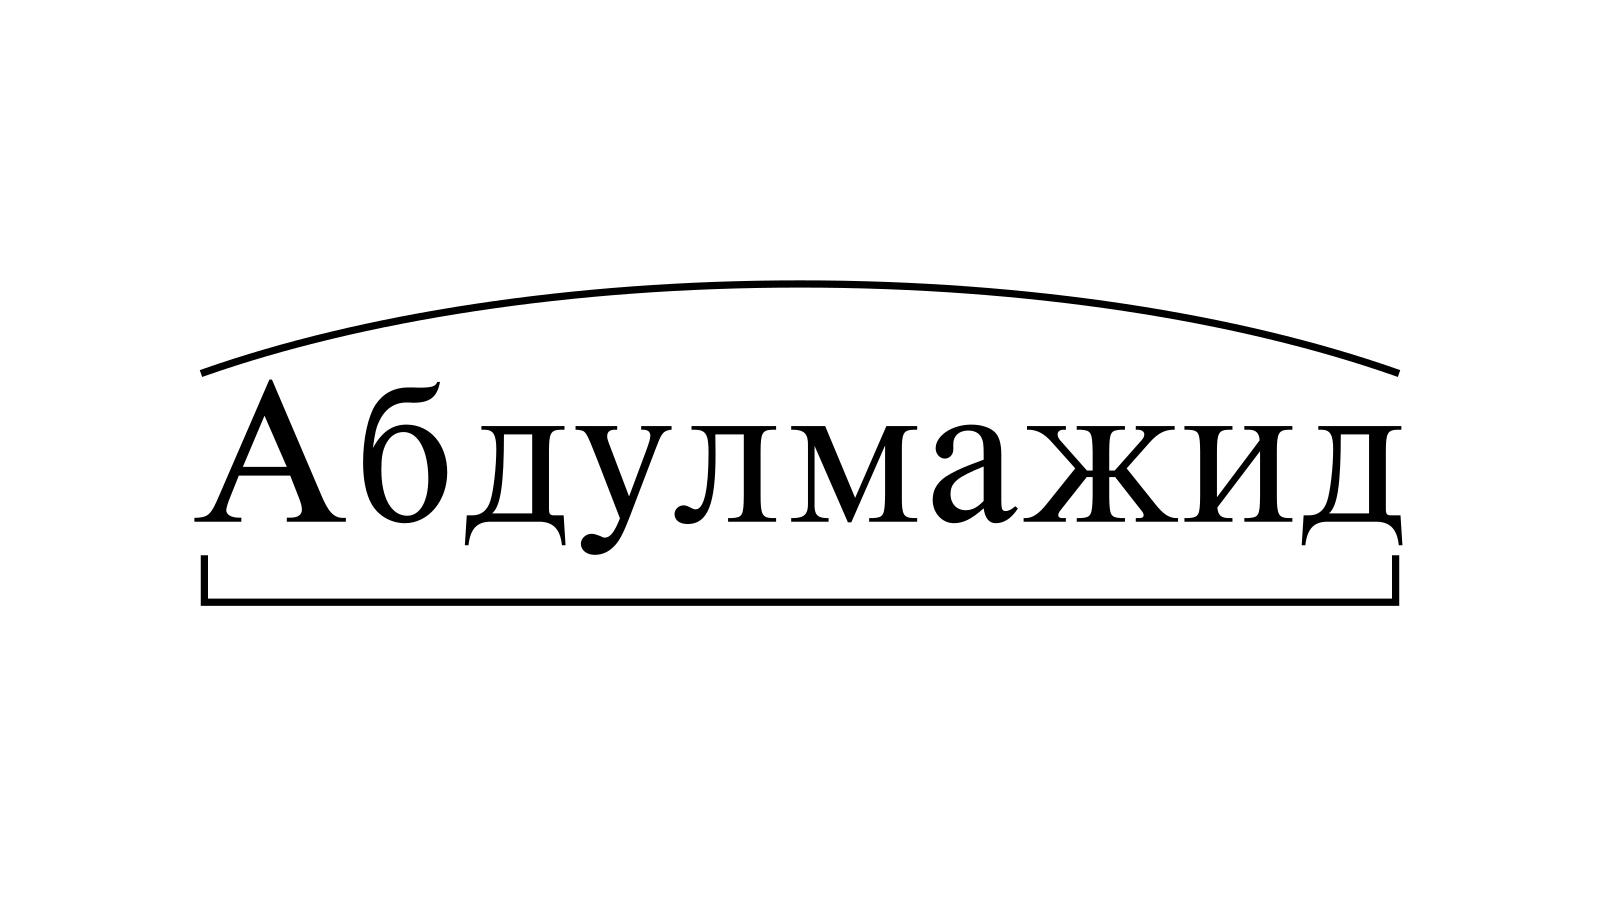 Разбор слова «Абдулмажид» по составу